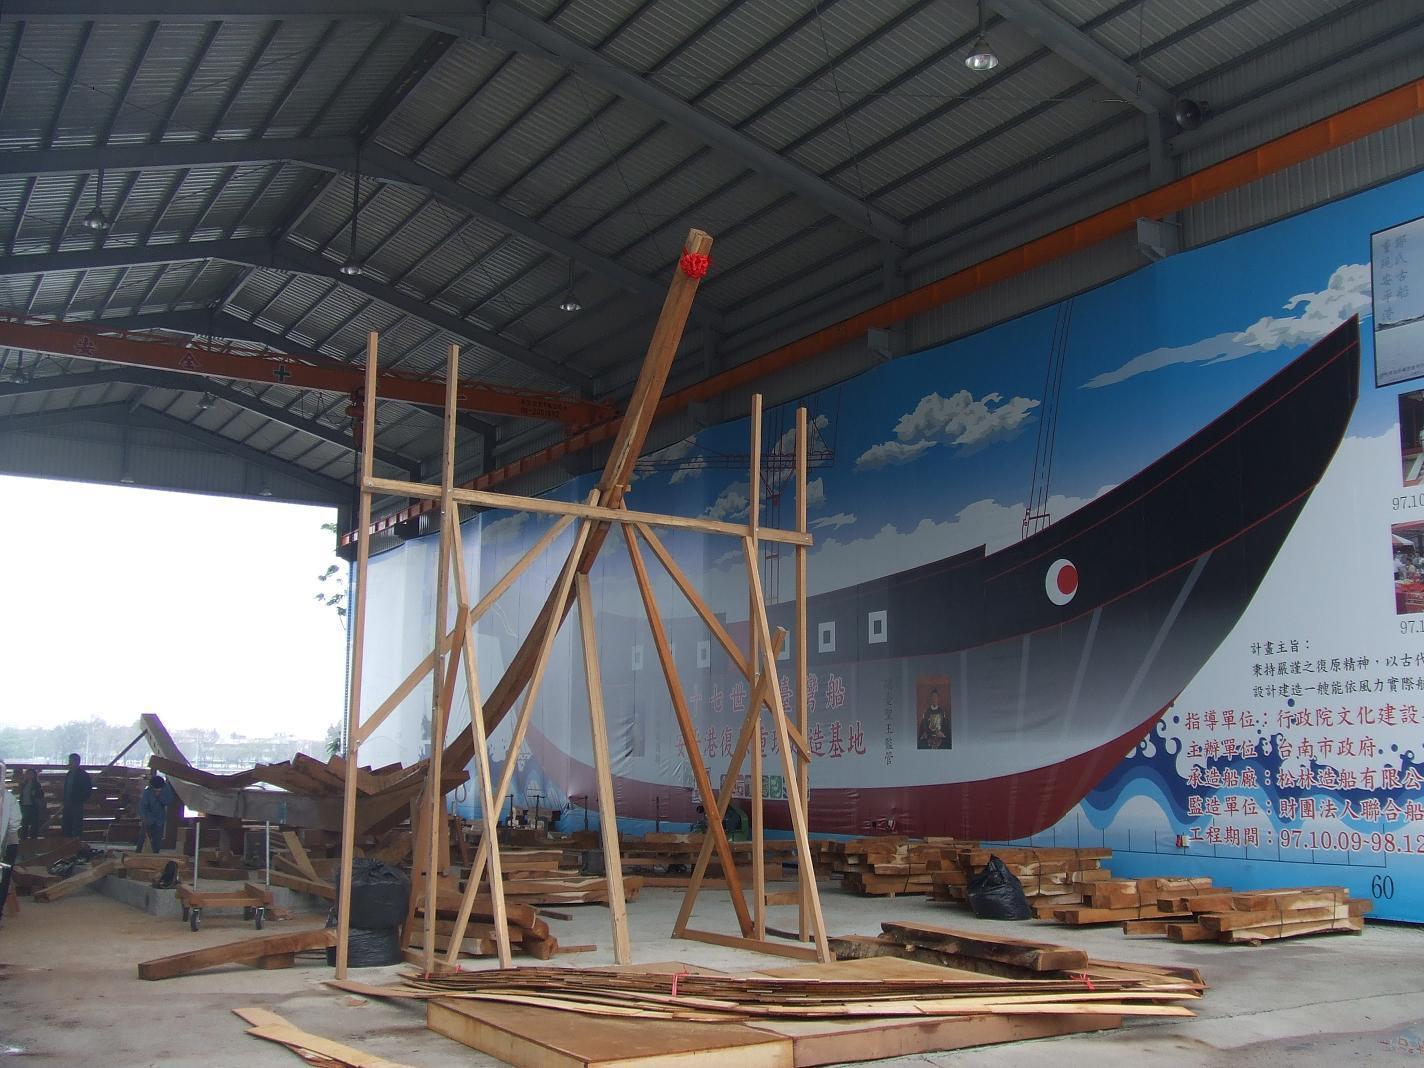 安平港、台湾船